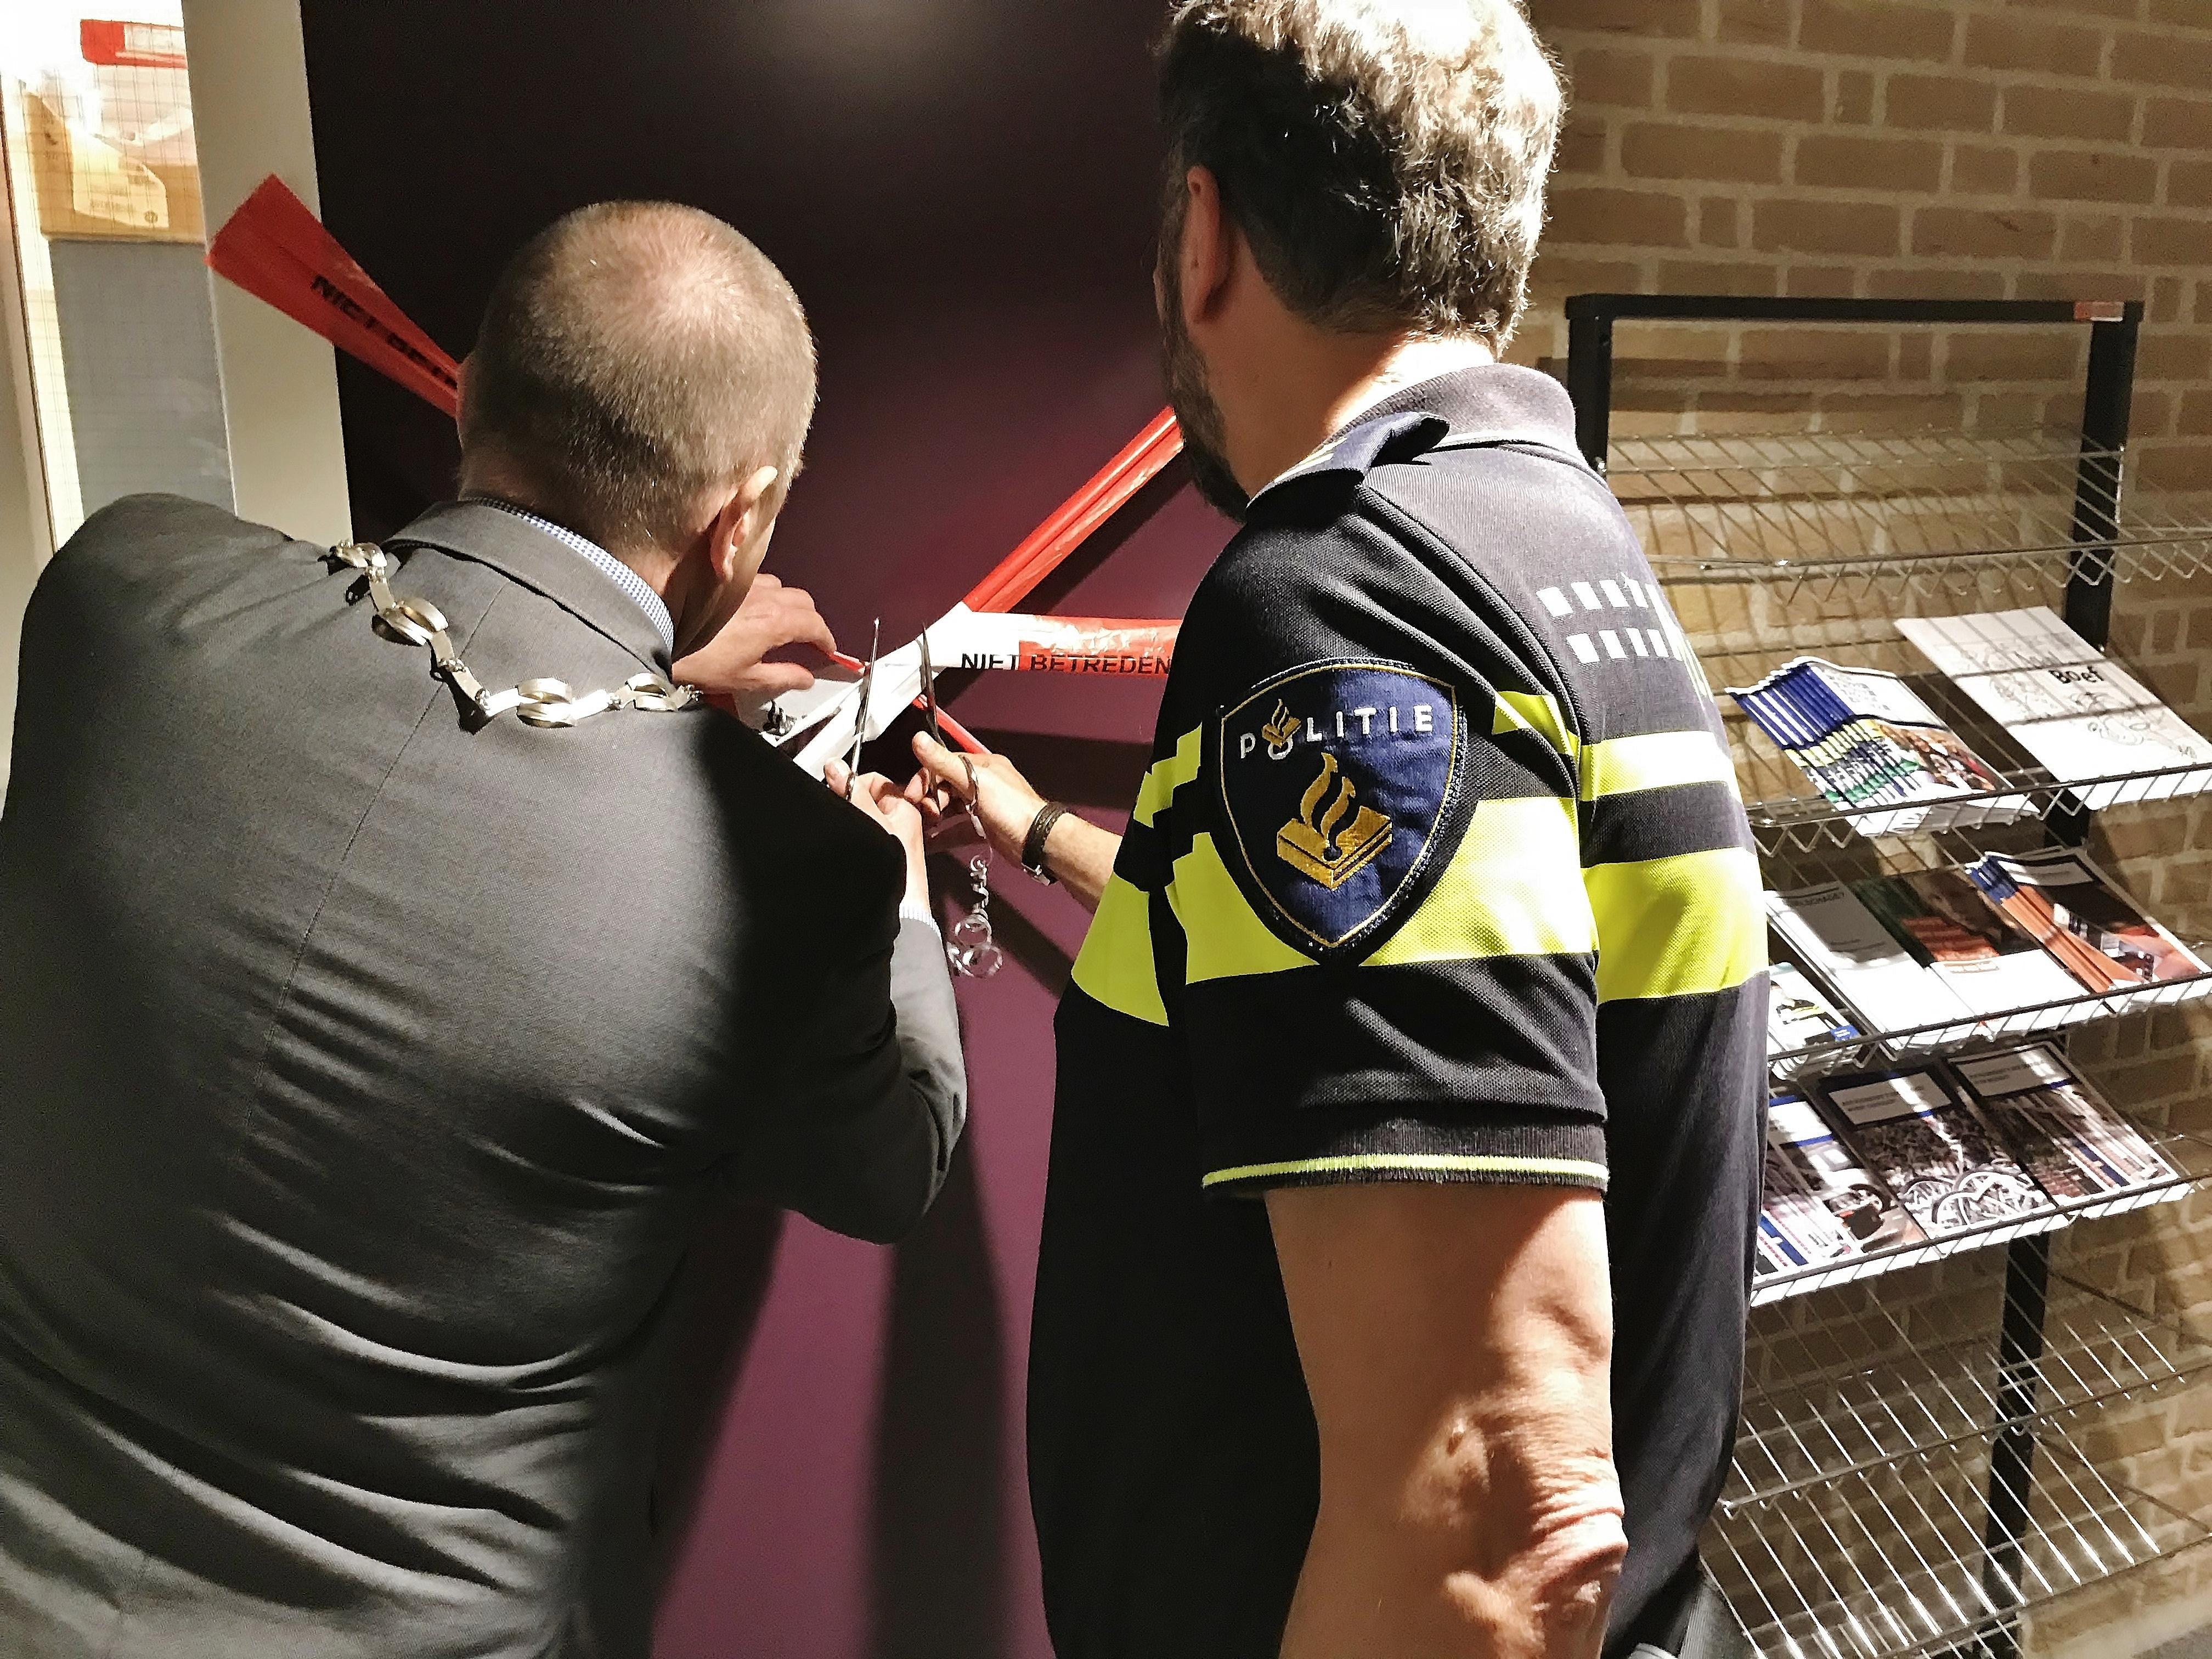 Politiesteunpunt in gemeentehuis Duiven